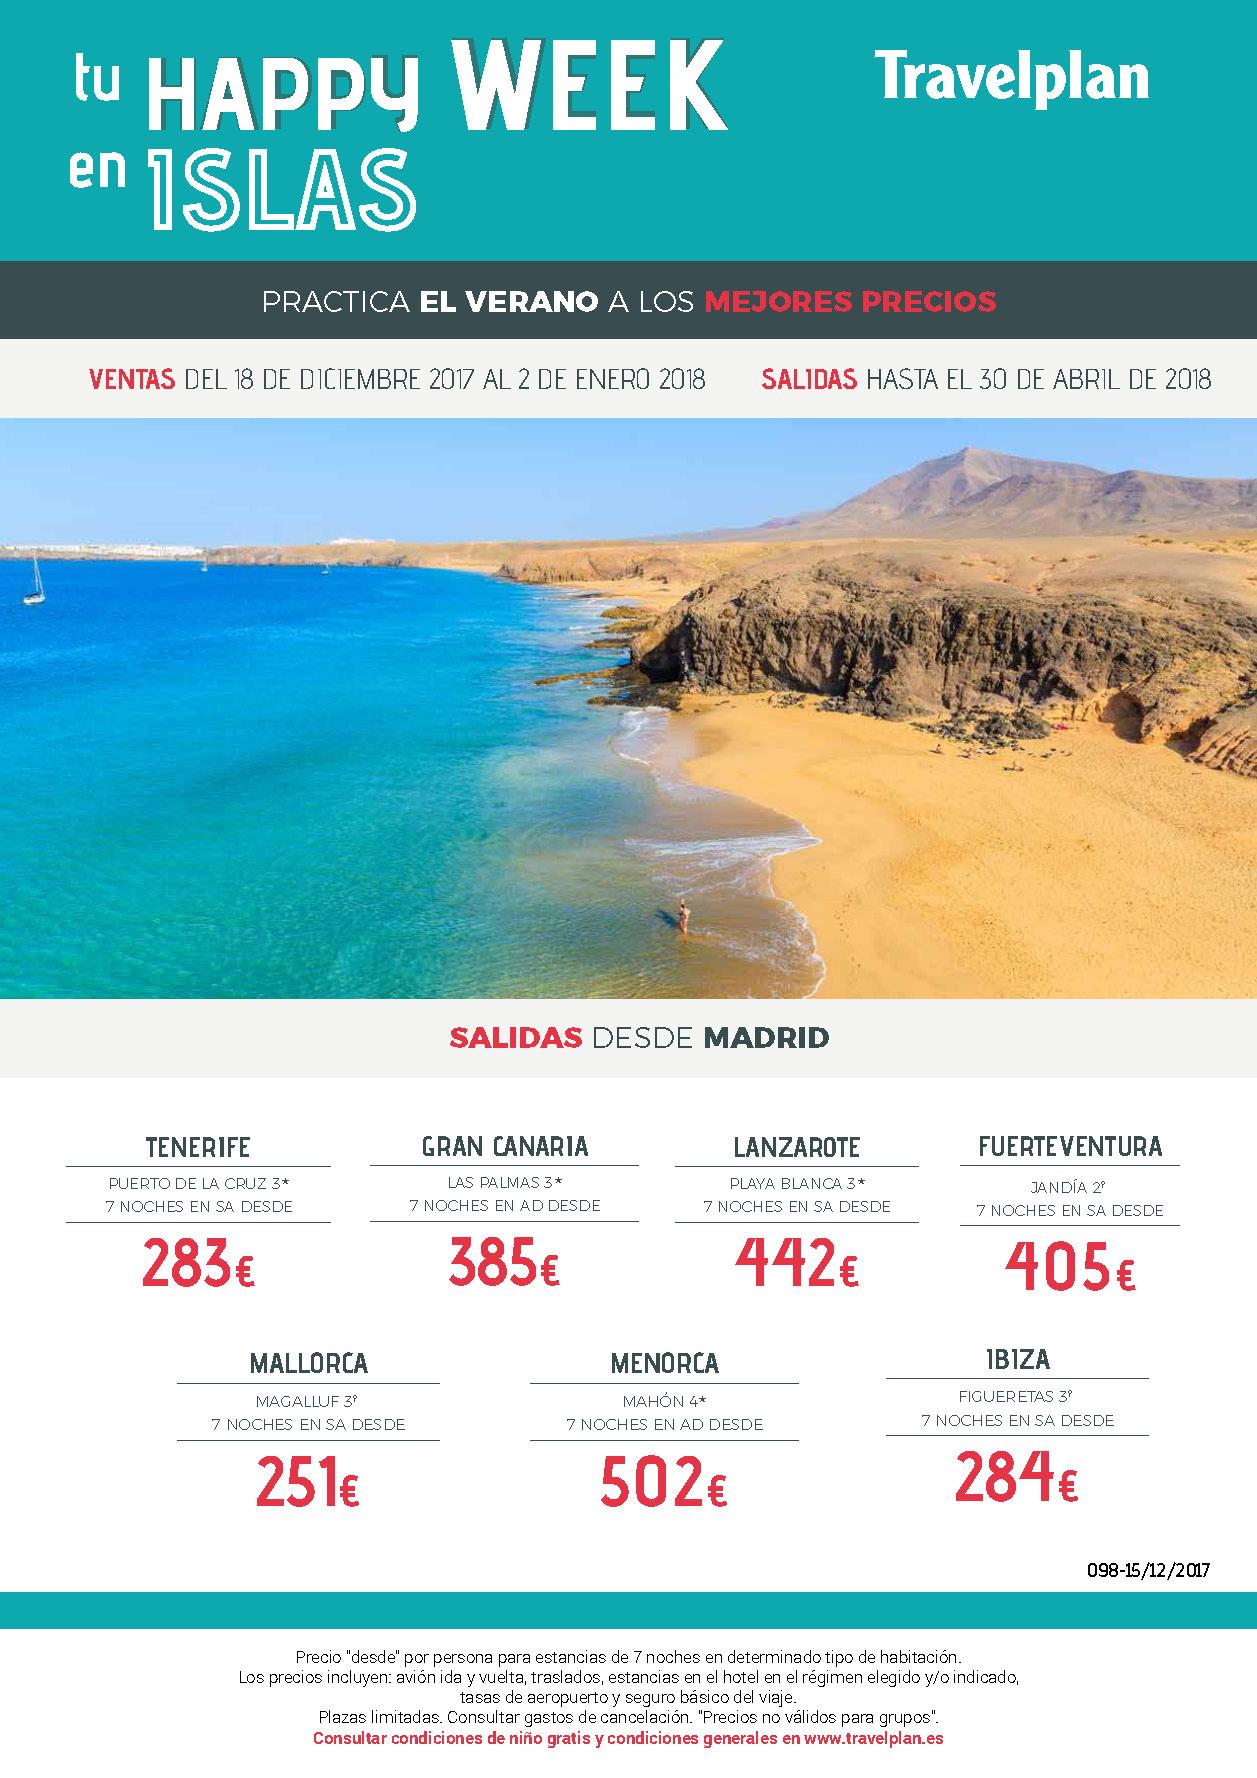 Oferta Travelplan Baleares y Canarias Invierno 2018